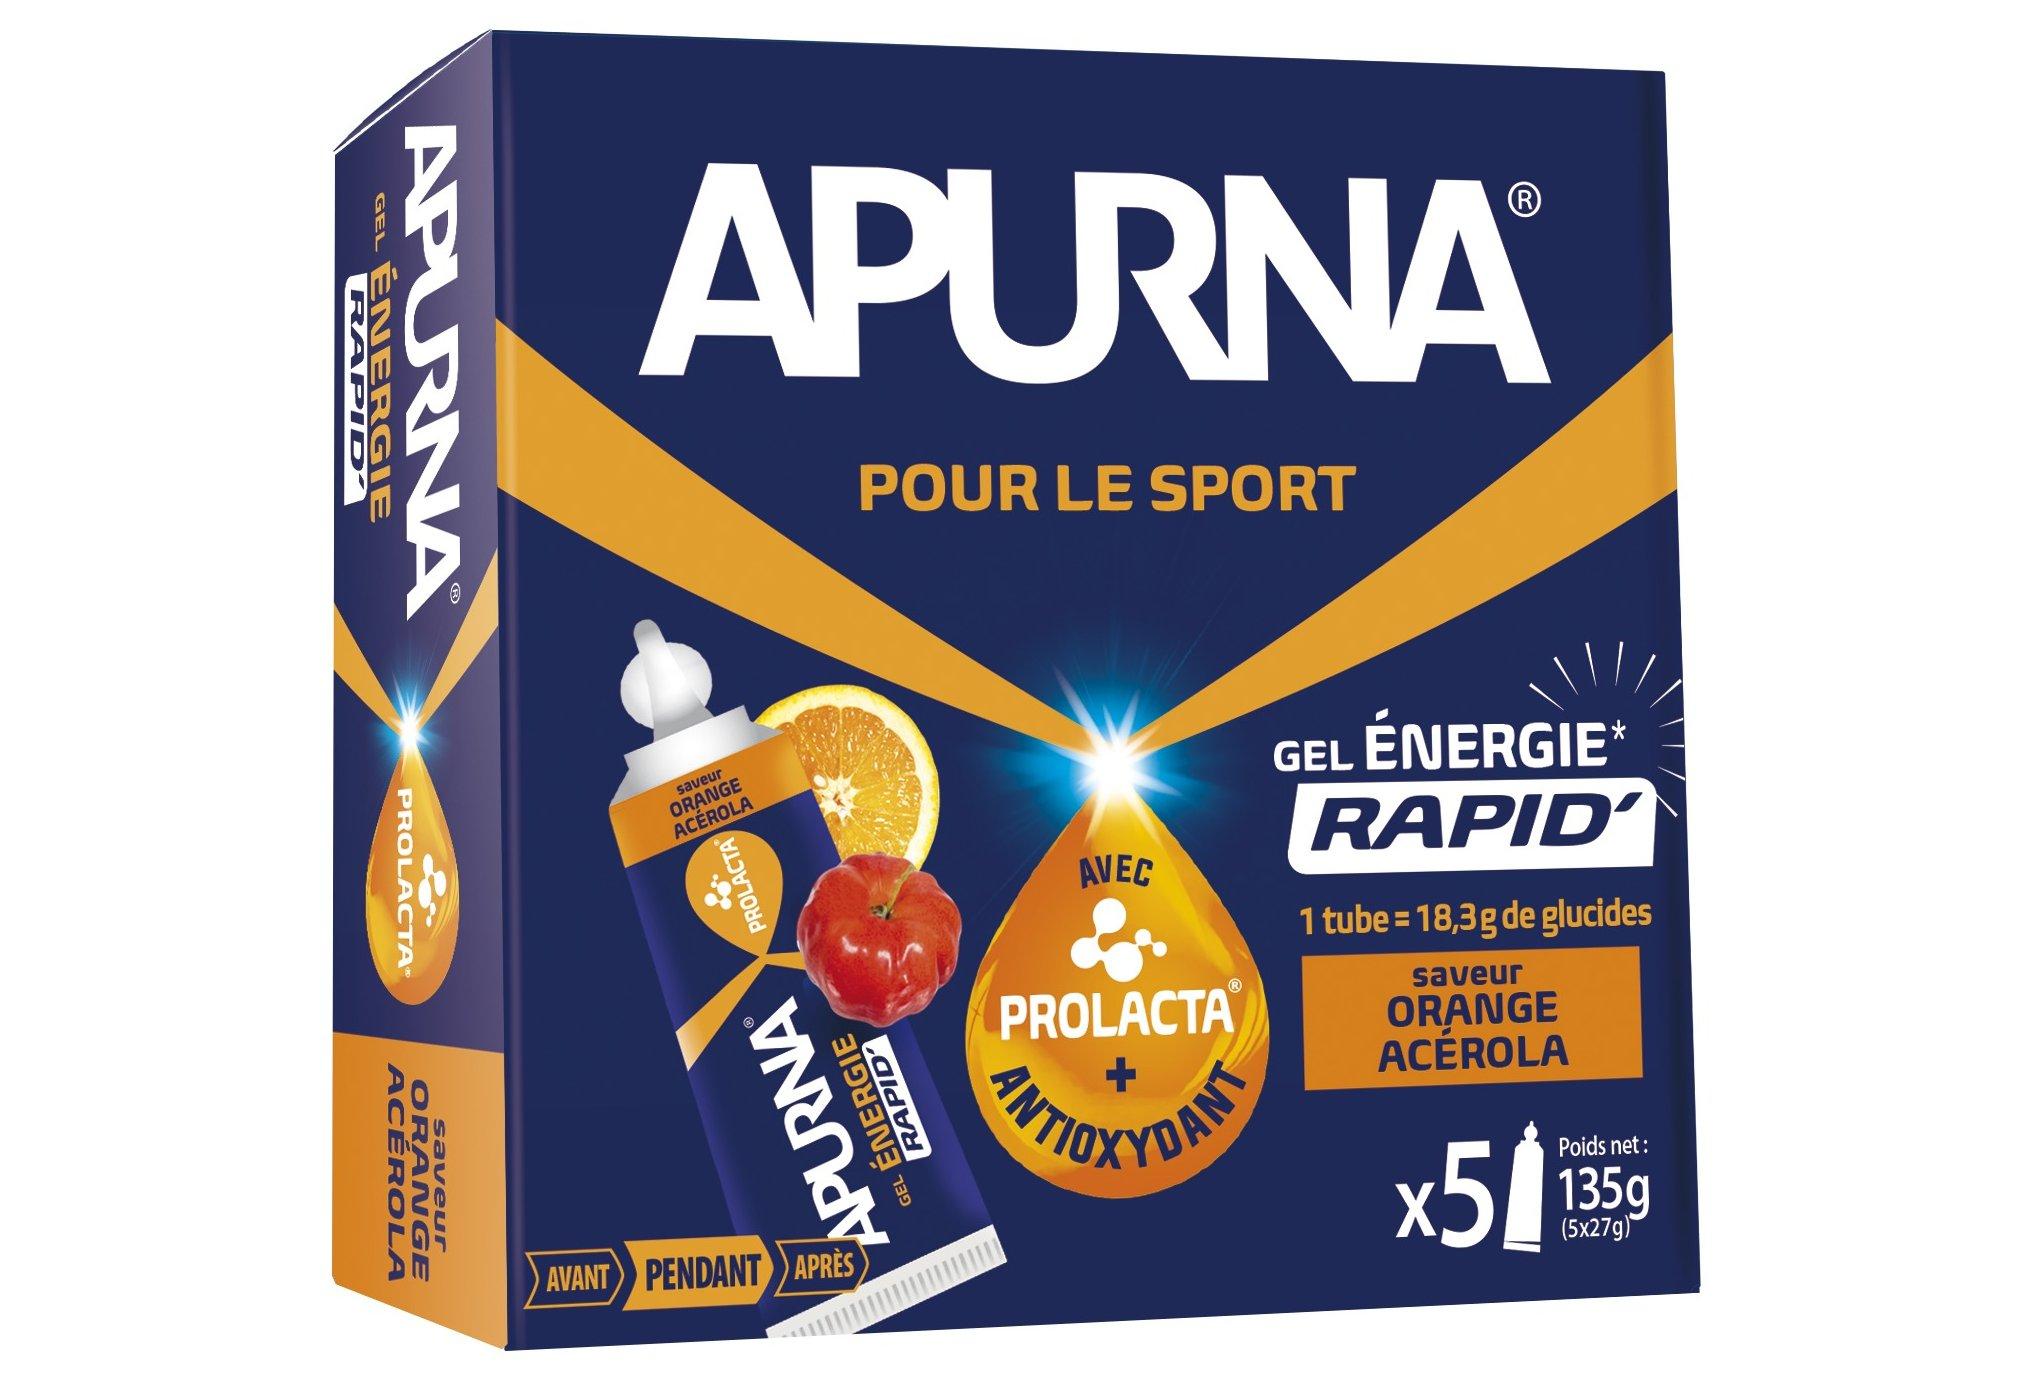 Apurna Etui gels energétiques - orange acérola diététique gels